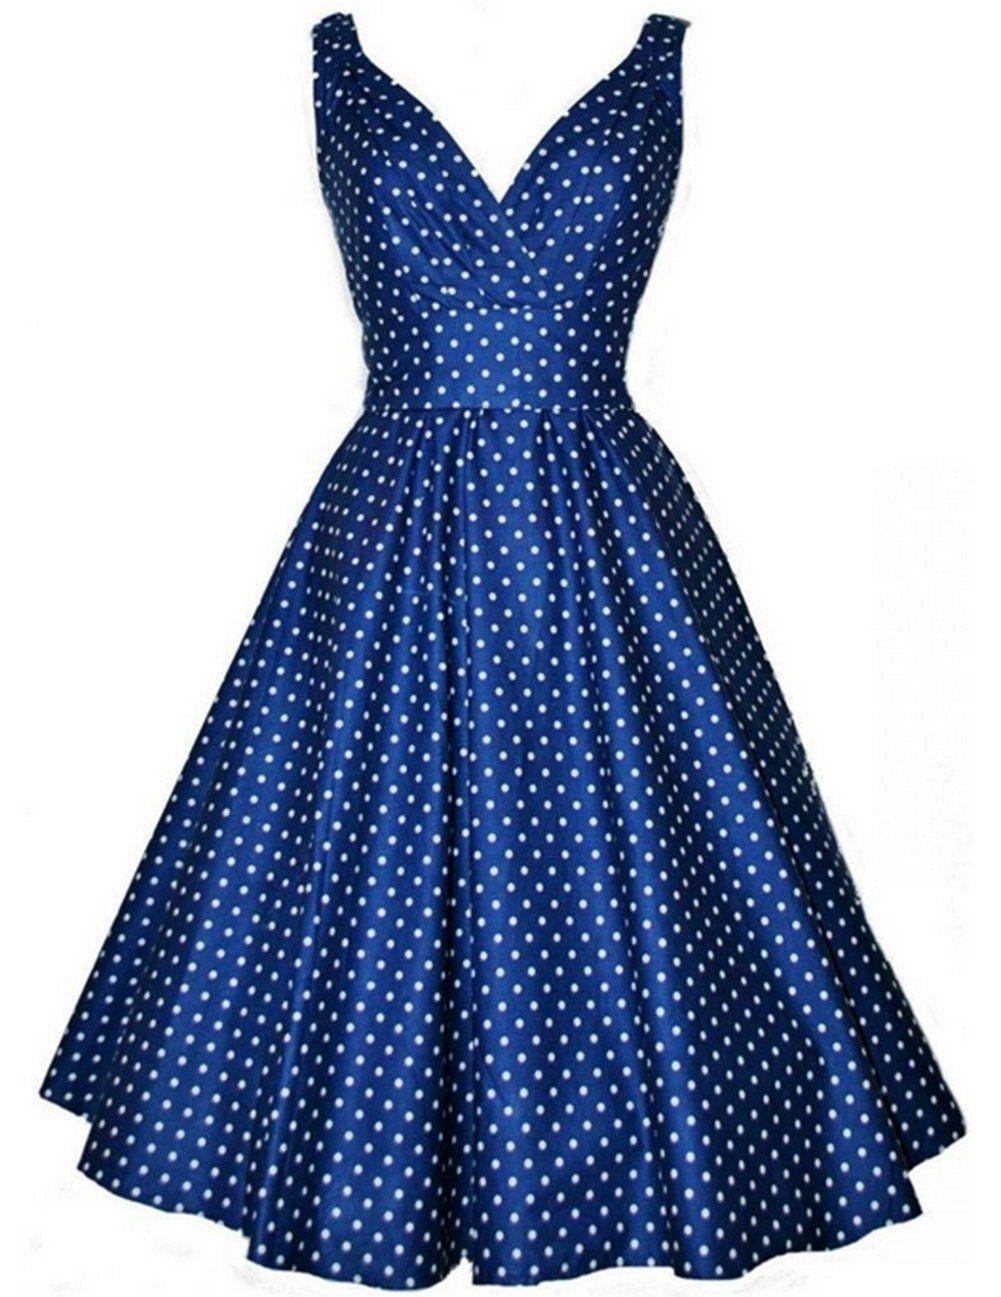 Vintage Année 50 destiné padgene robe année 50 v-cou robe de bal style rockabilly swing À